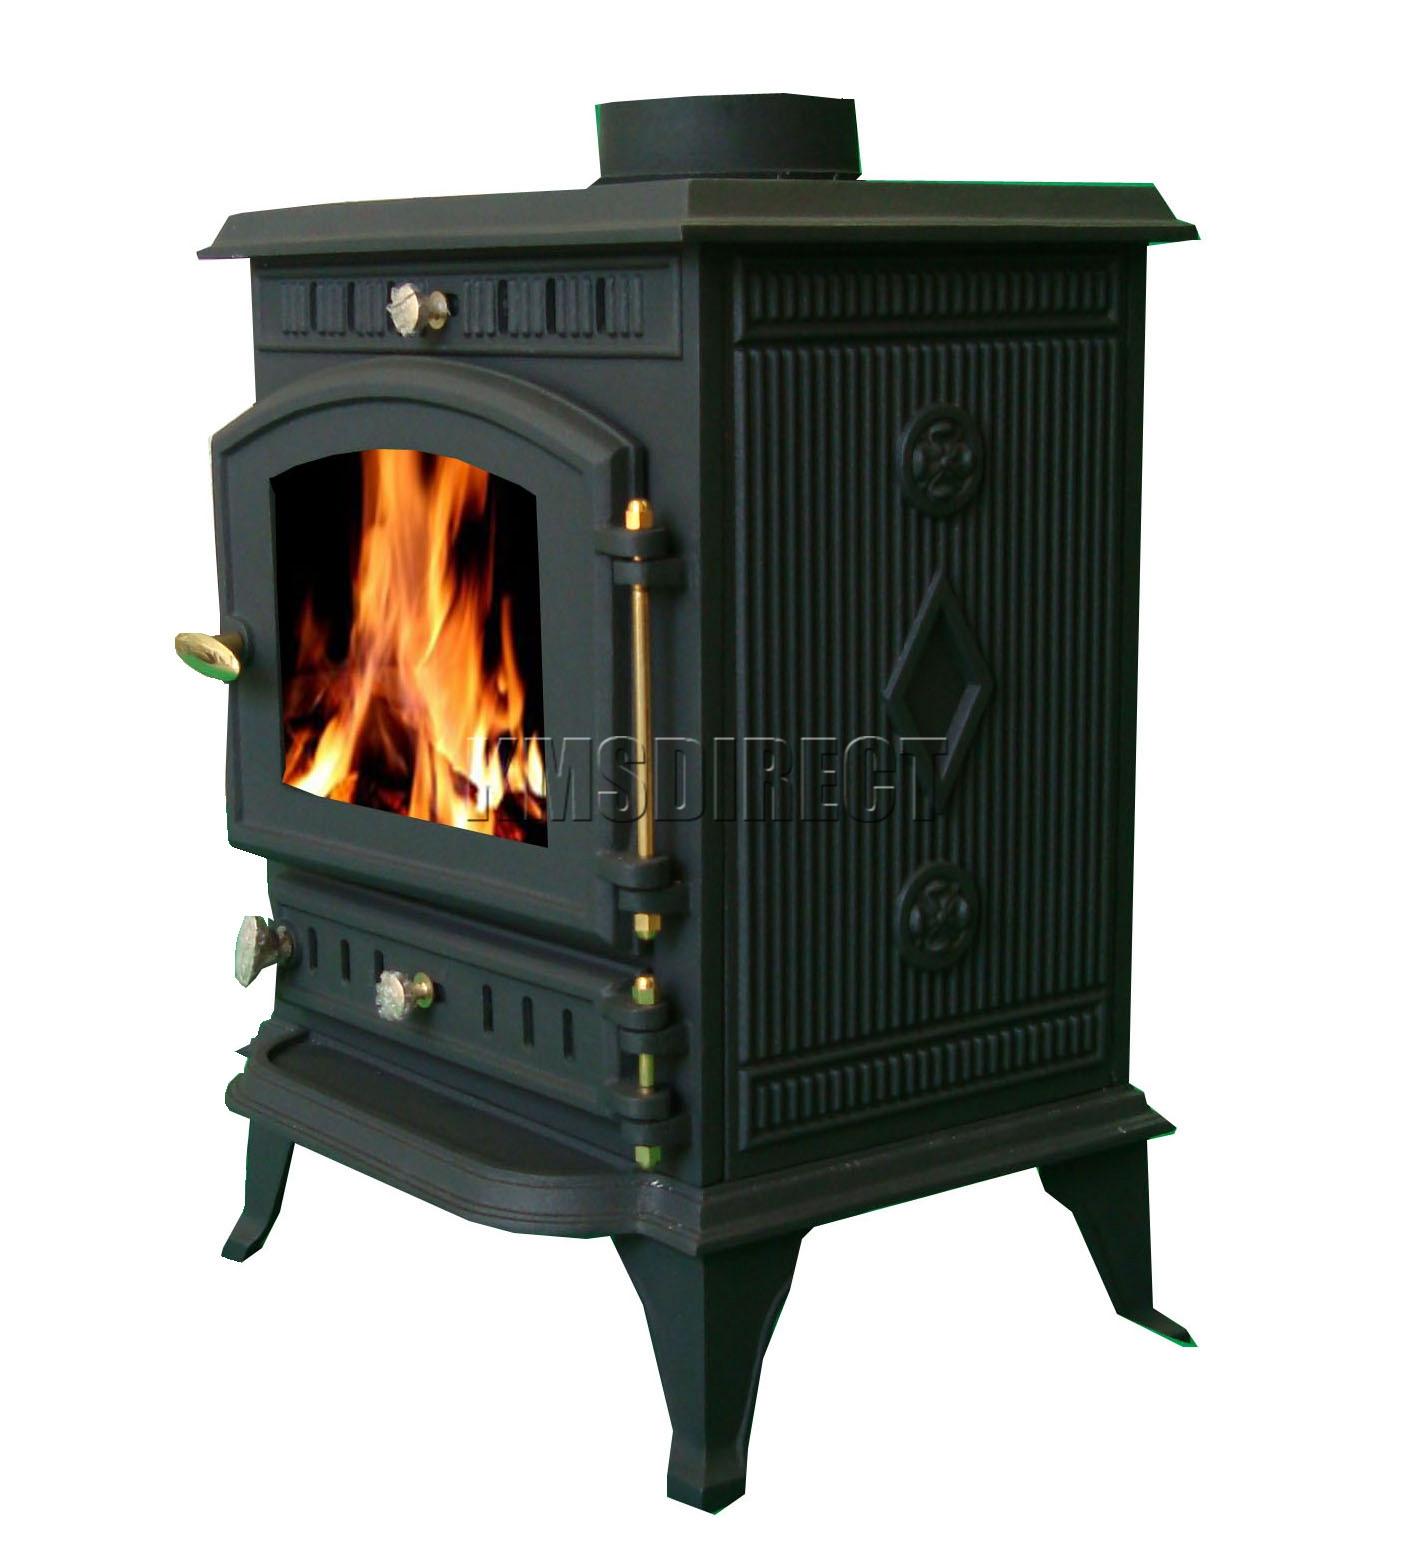 New Cast Iron Log Burner Multifuel Wood Burning 7 Kw Stove